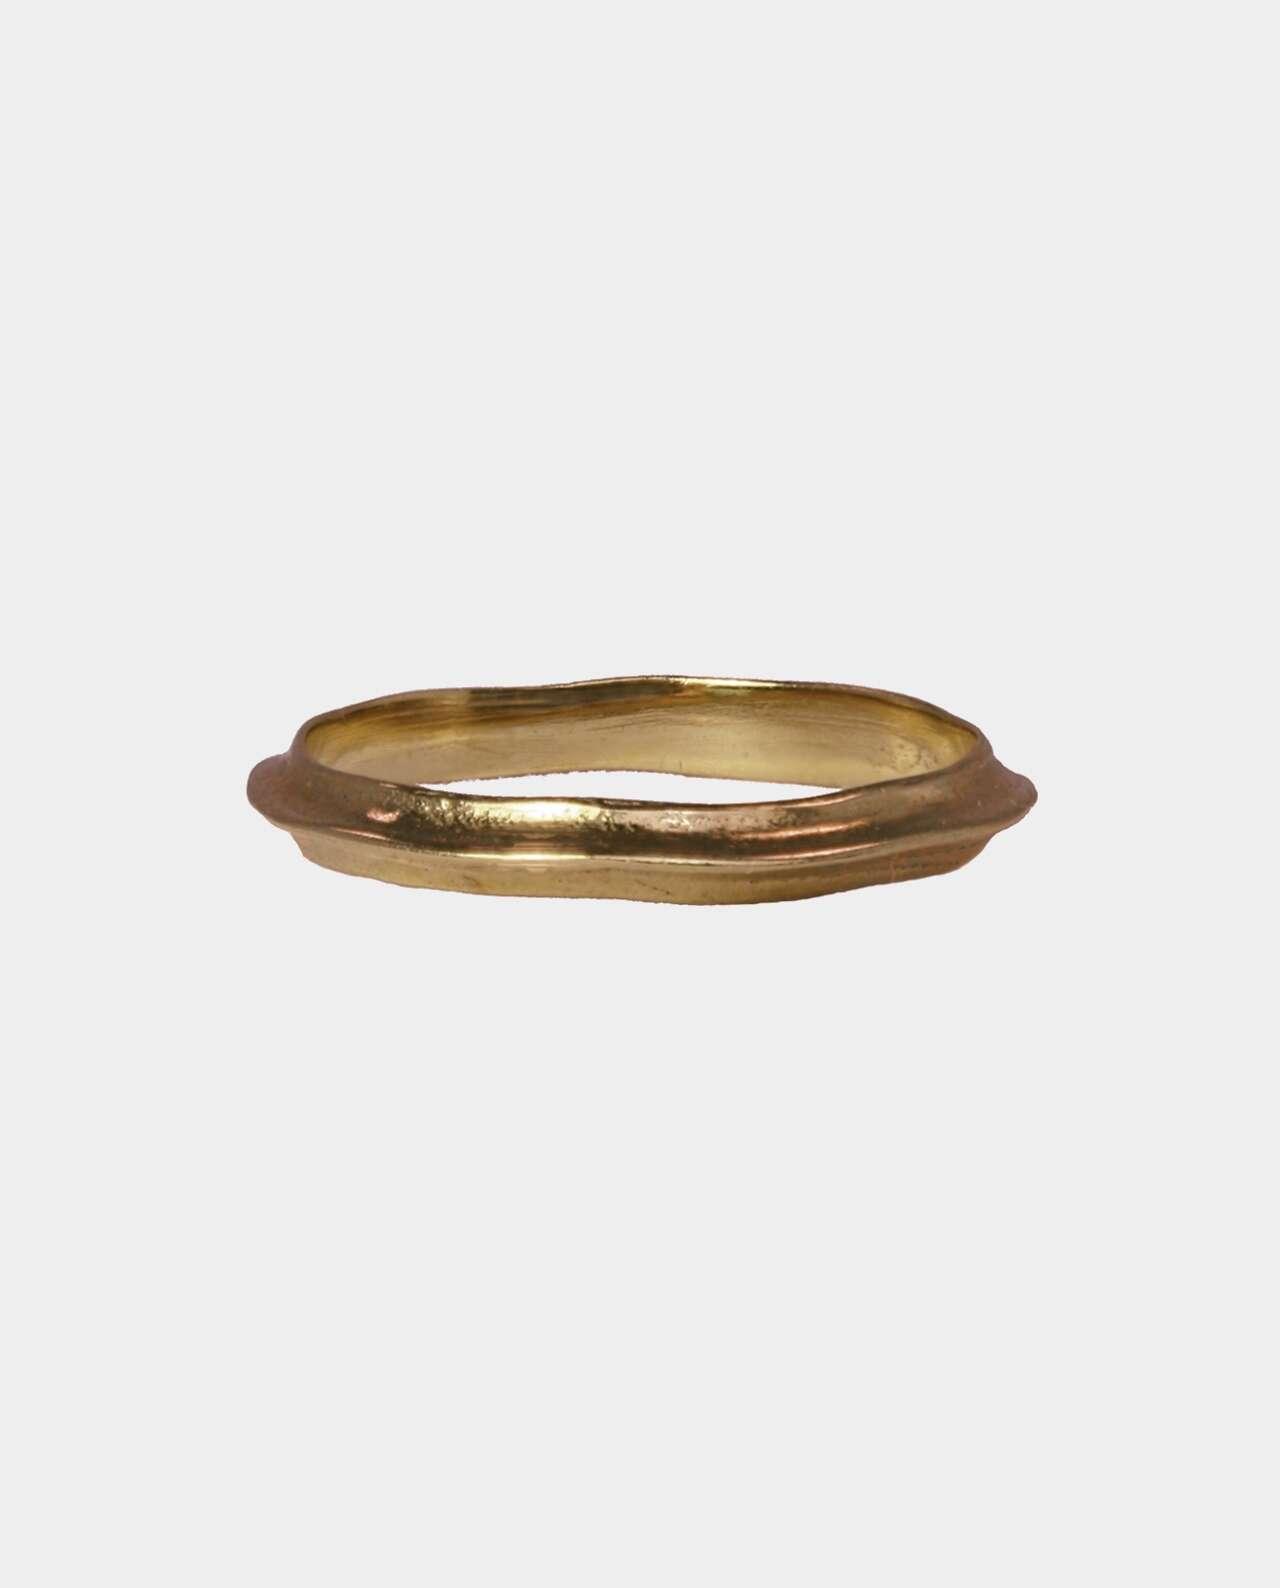 cfcad9a9b4e6 Rustik vintage ring efter gammelt design med skæve linjer inspireret af den  måde antikkens guldsmede forarbejdede